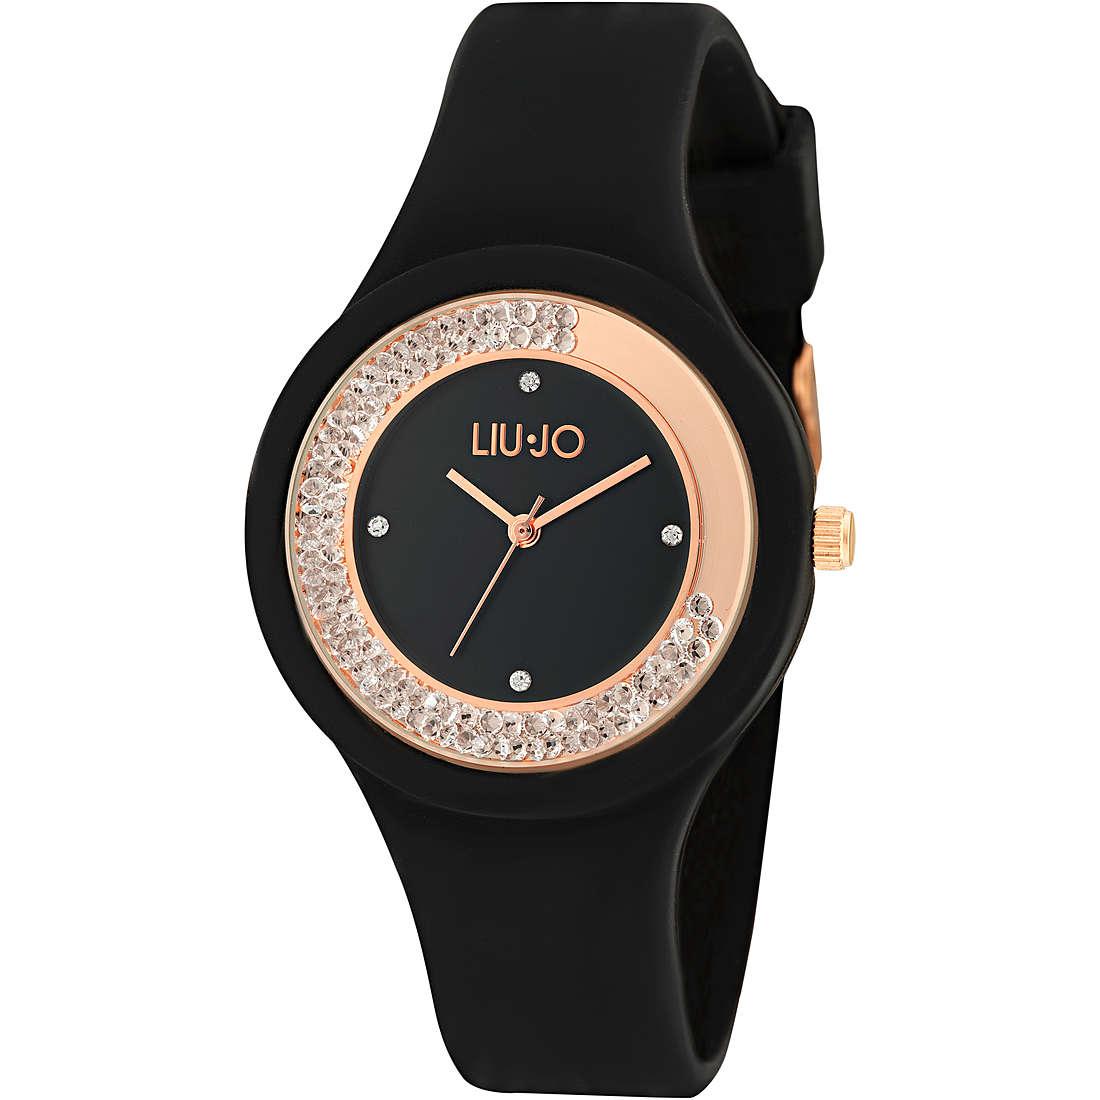 LIU-JO Orologio Solo Tempo Donna Dancing Sport Nero e Oro Rosa - TLJ1418